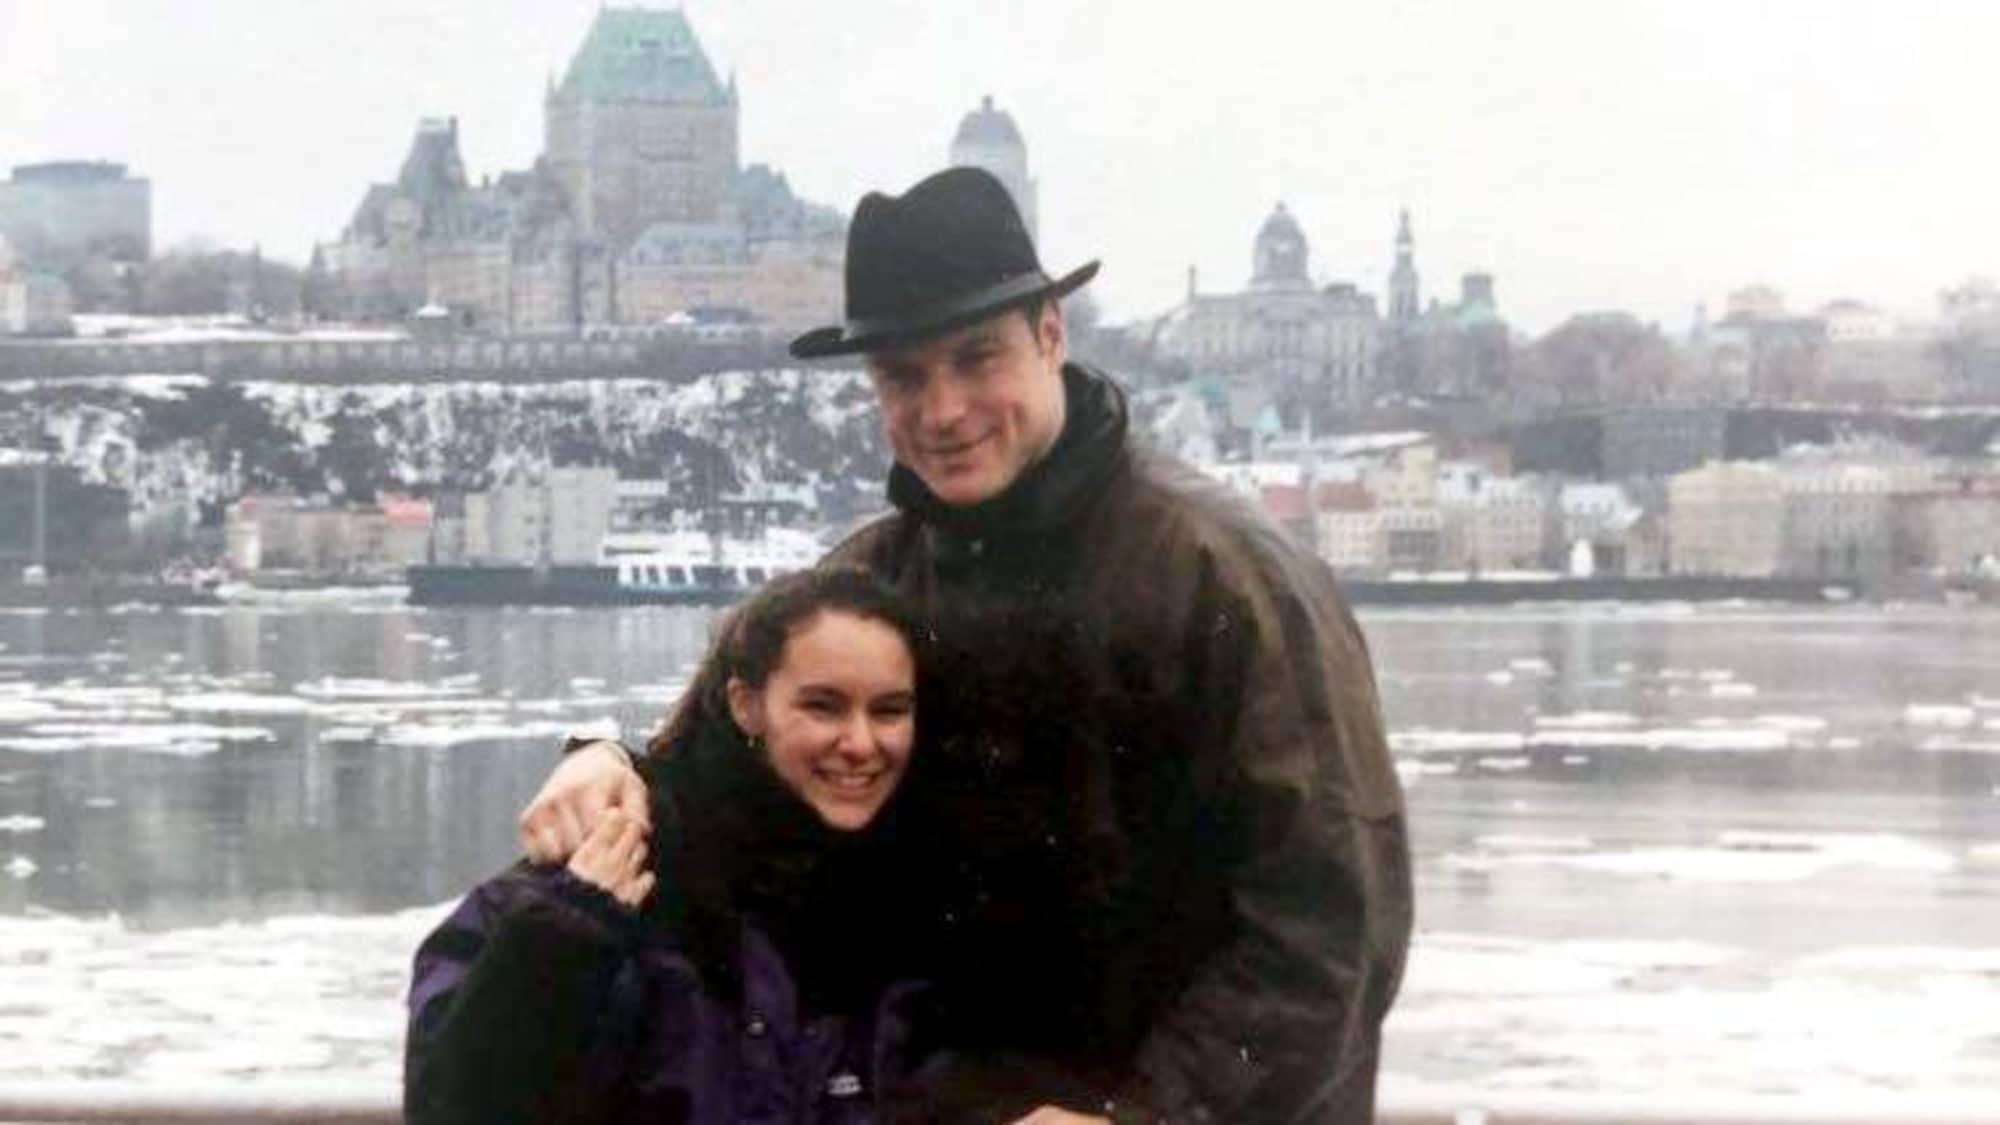 Craig Wolanin et Chantal Bussière regardent la caméra en souriant, sur le pont du traversier.